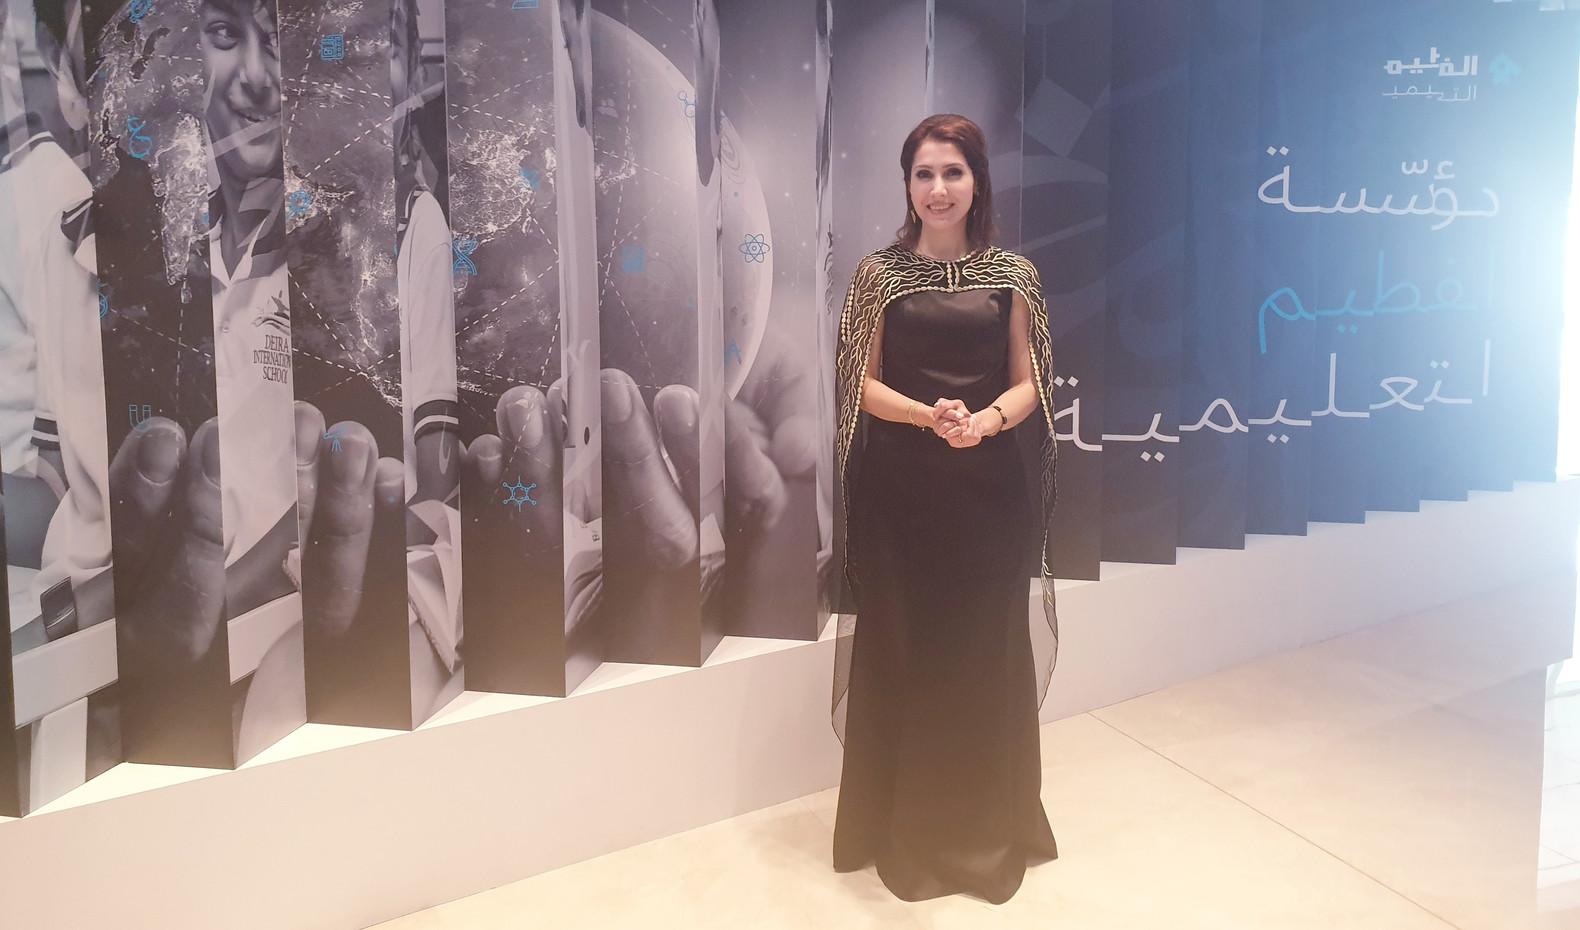 مشاركتي في مؤتمر العربية شغفي ومستقبل التعليم في دبي